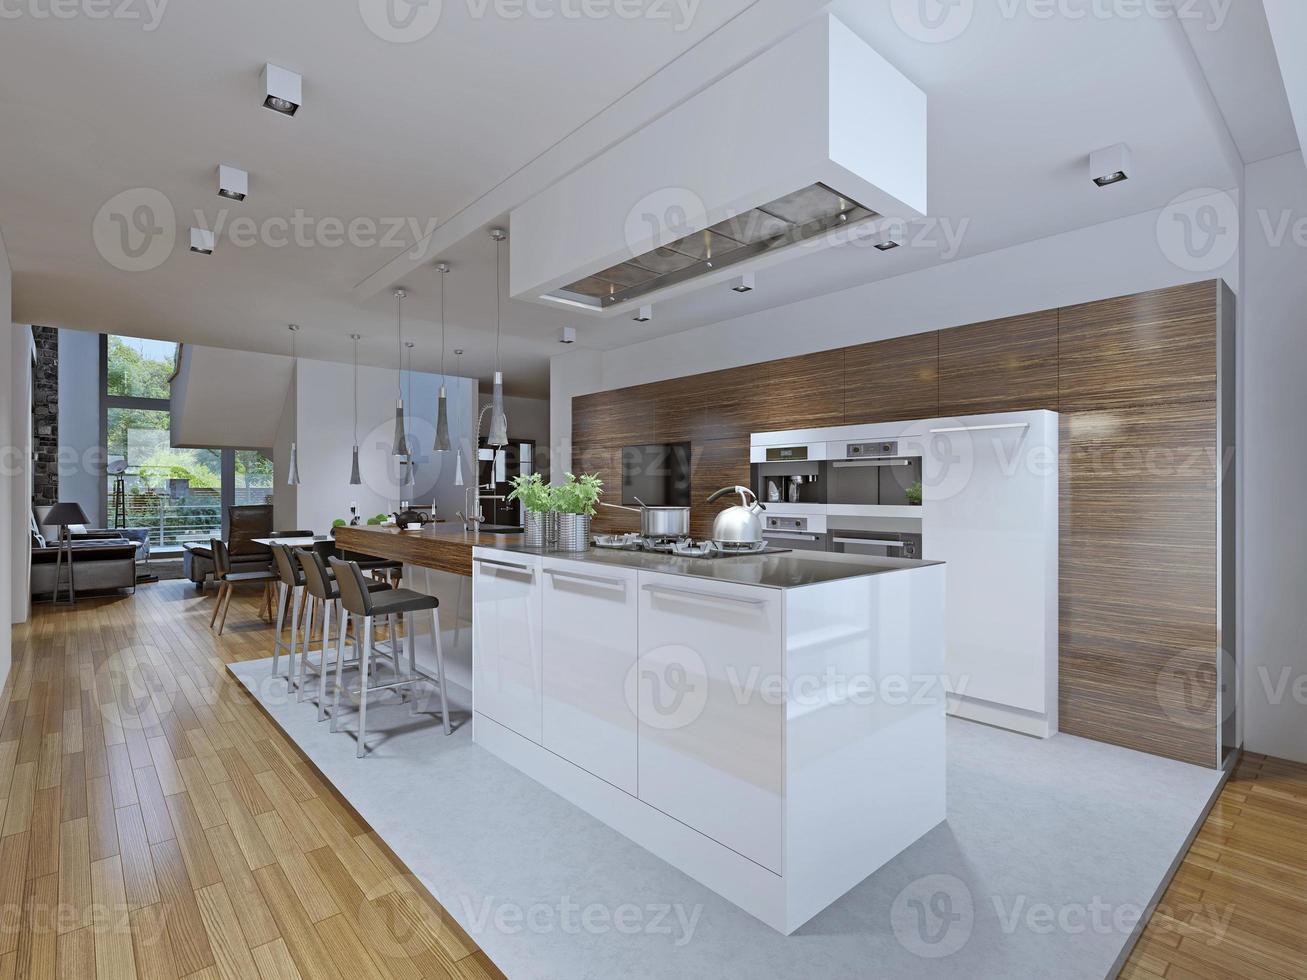 keuken-eetkamer moderne stijl foto